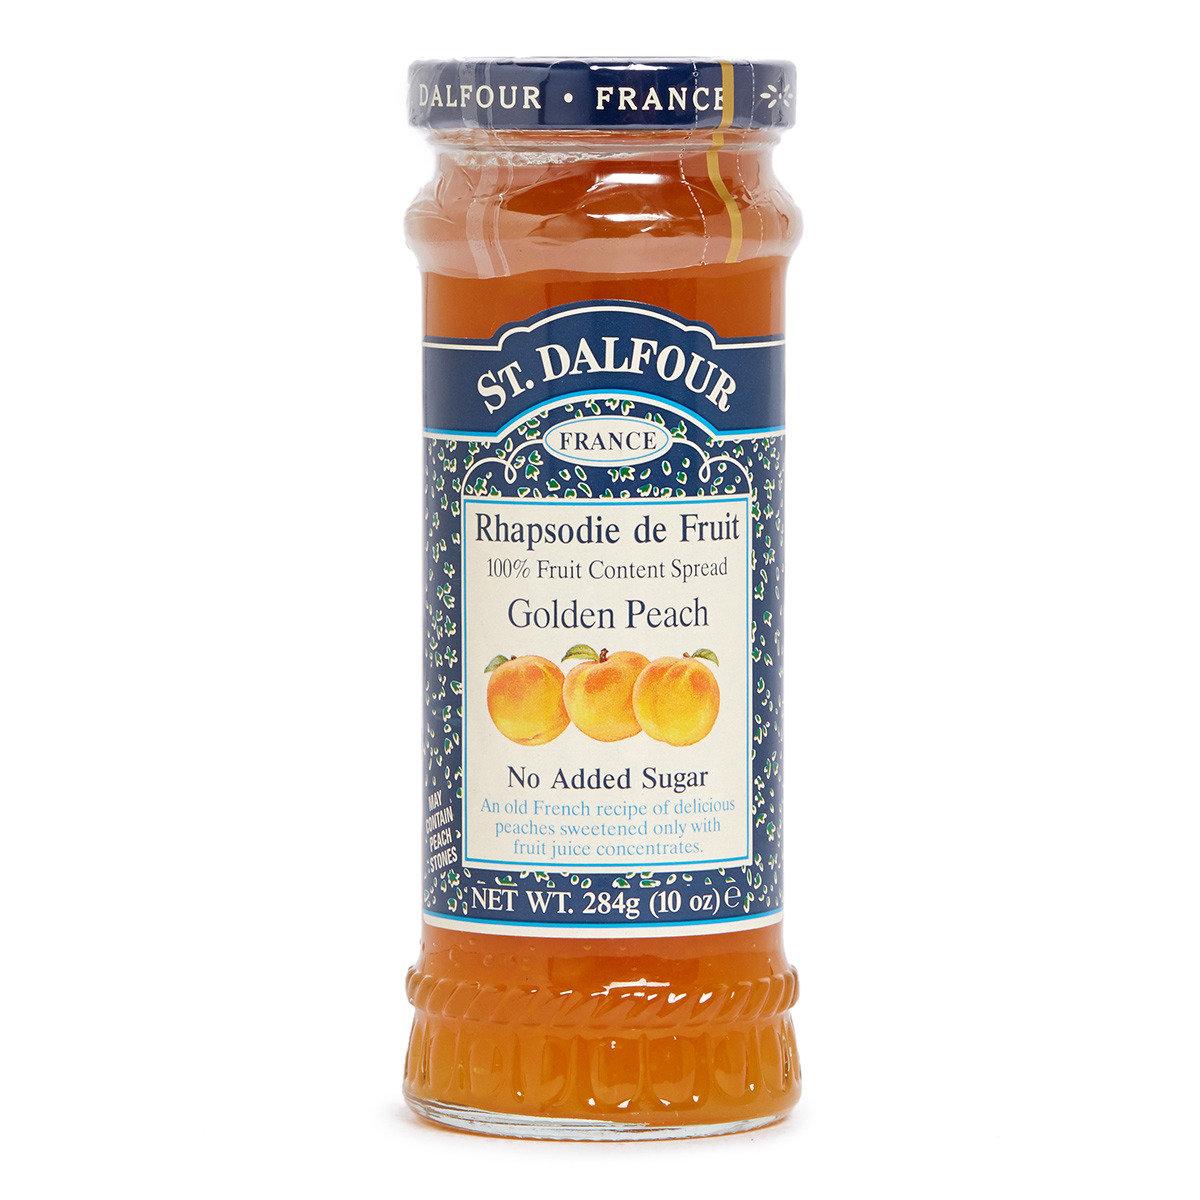 天然水蜜桃果醬